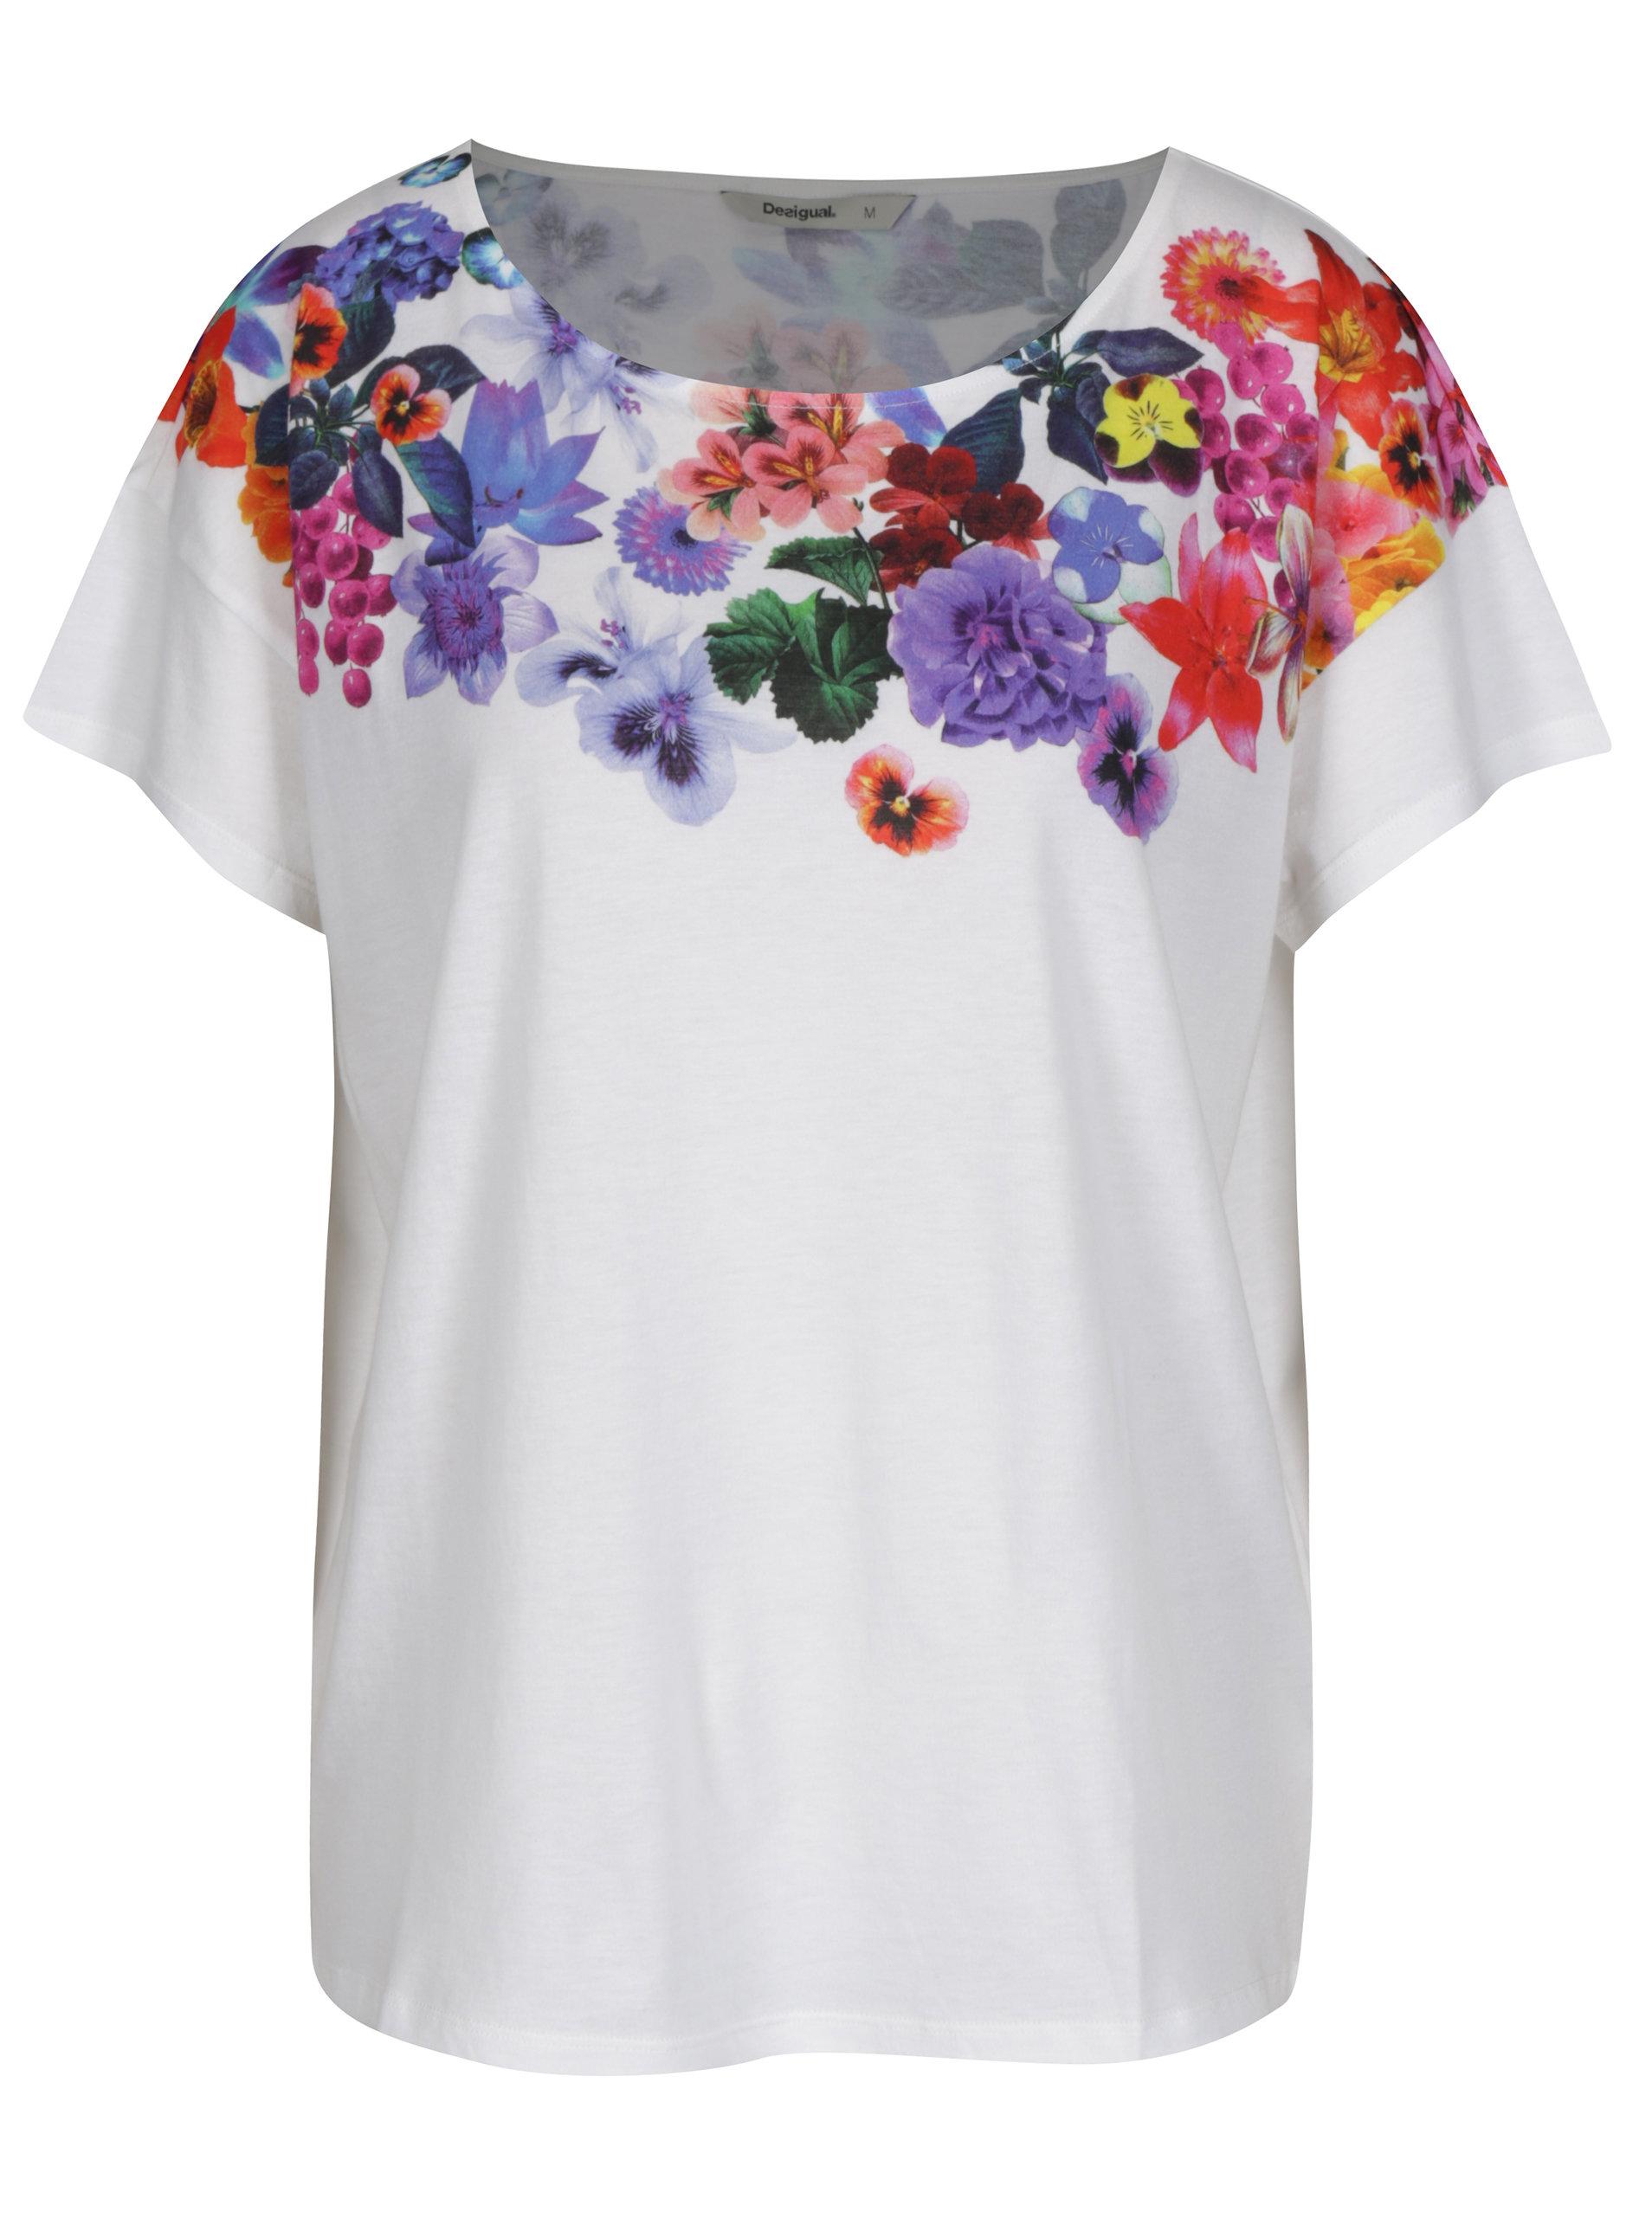 64cbf69f7c16 Biele voľné tričko s potlačou Desigual Aglaia ...